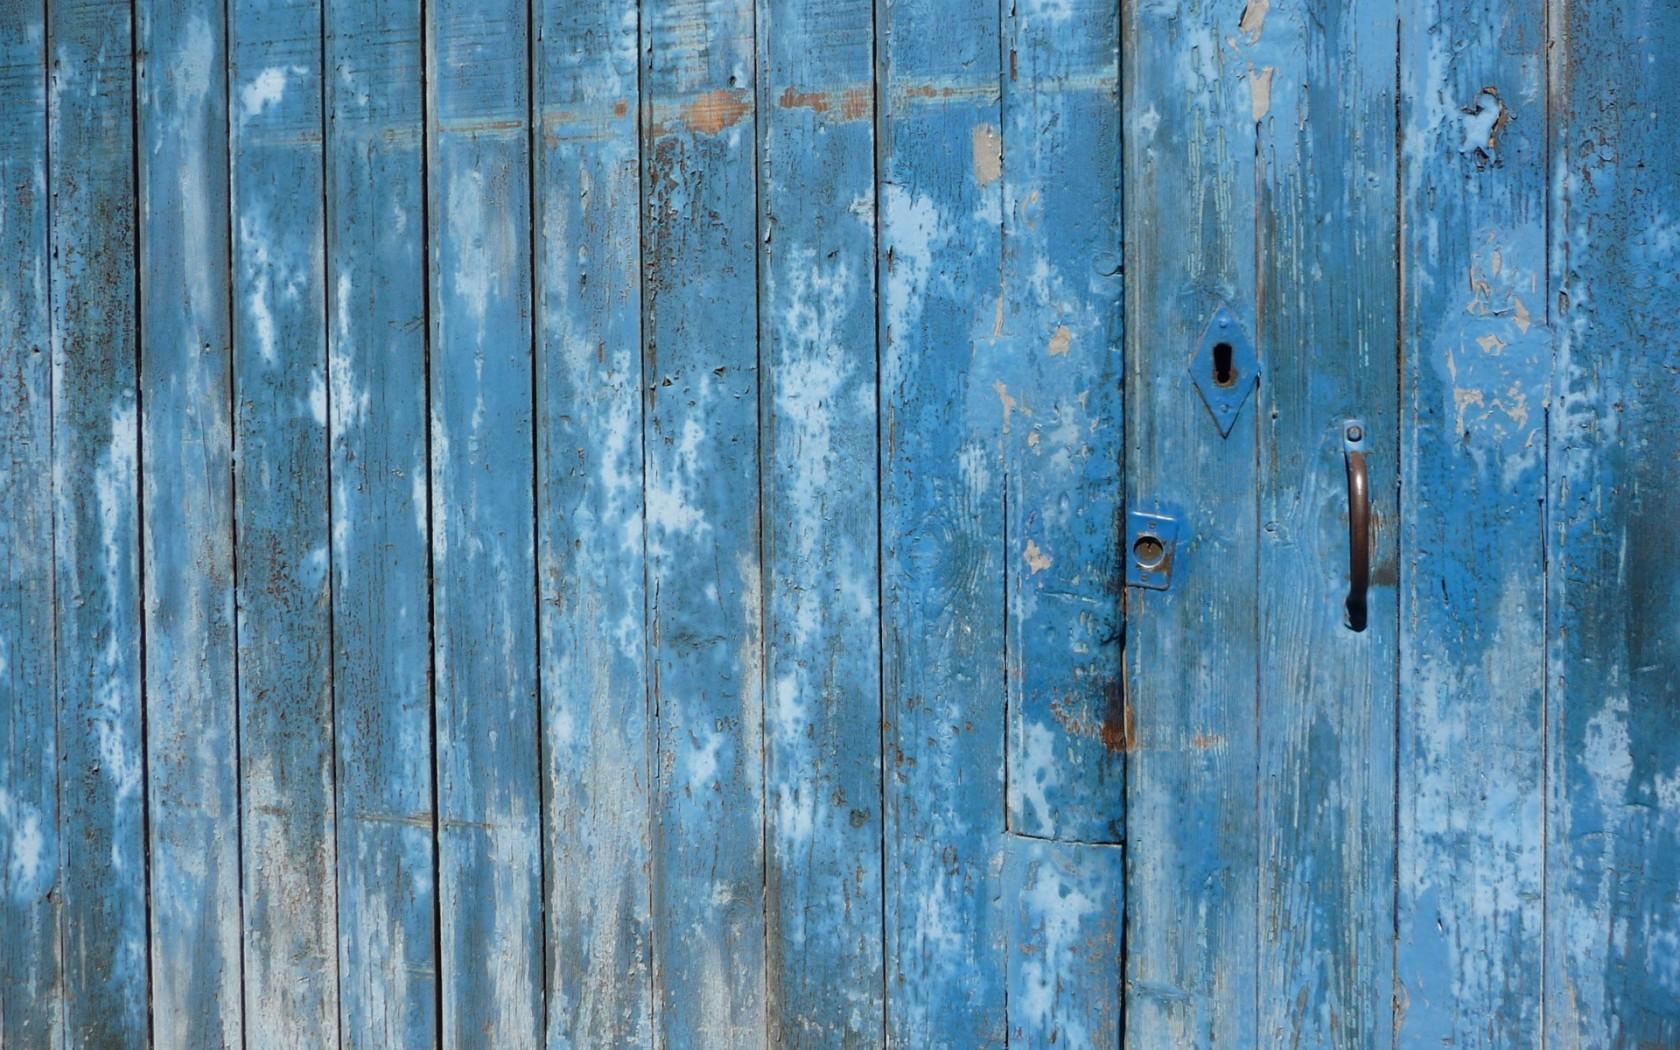 Desktop Wallpaper 227 – Porta azzurra